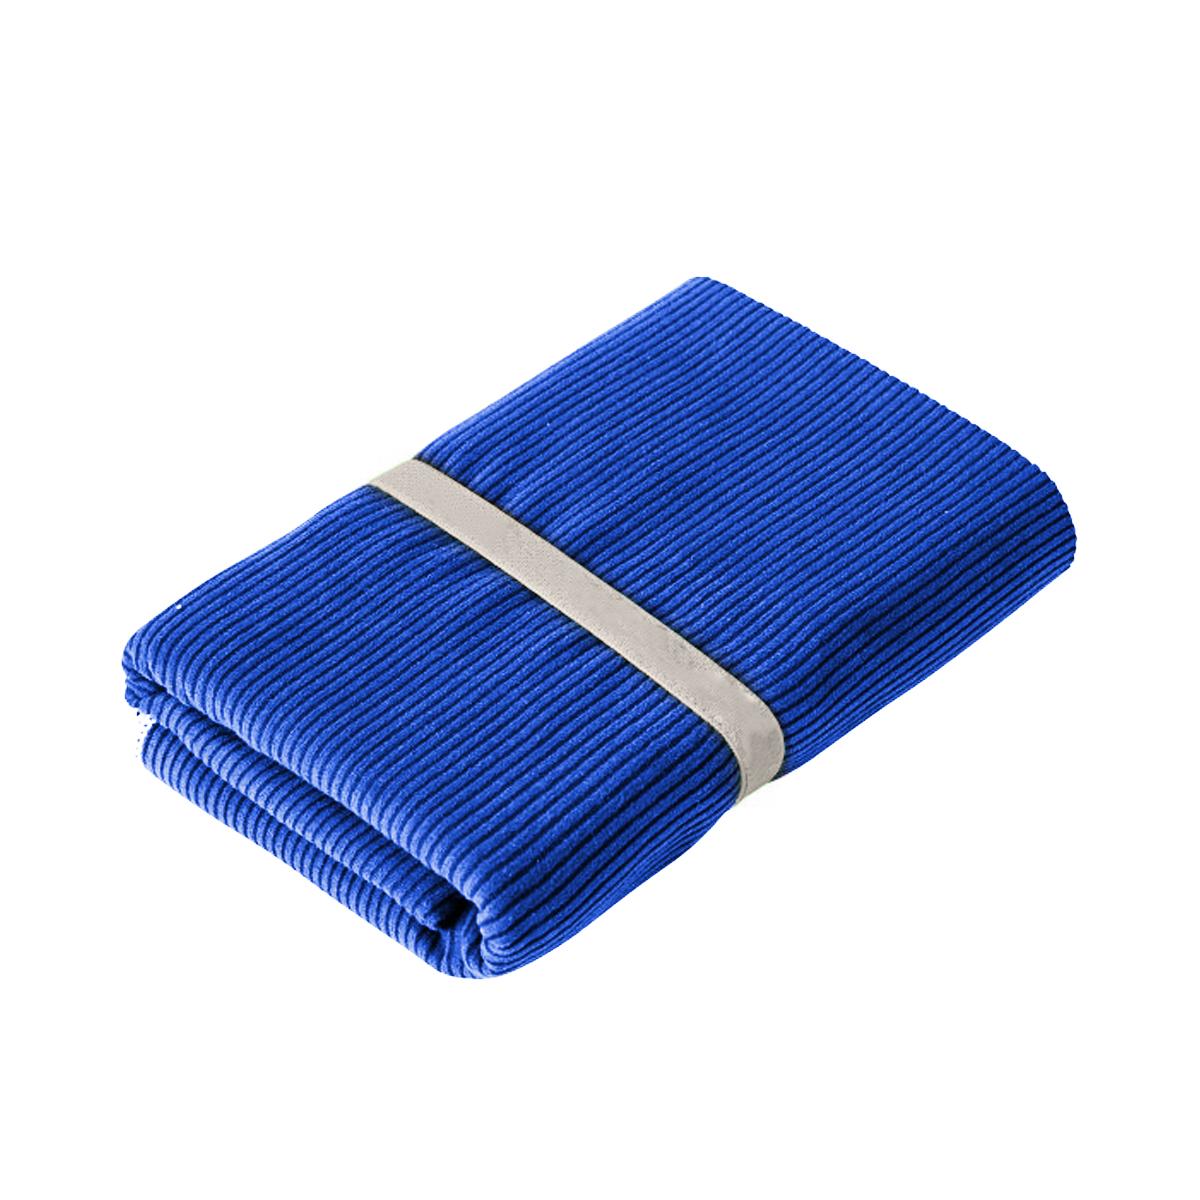 מגבת ספורט - באדן